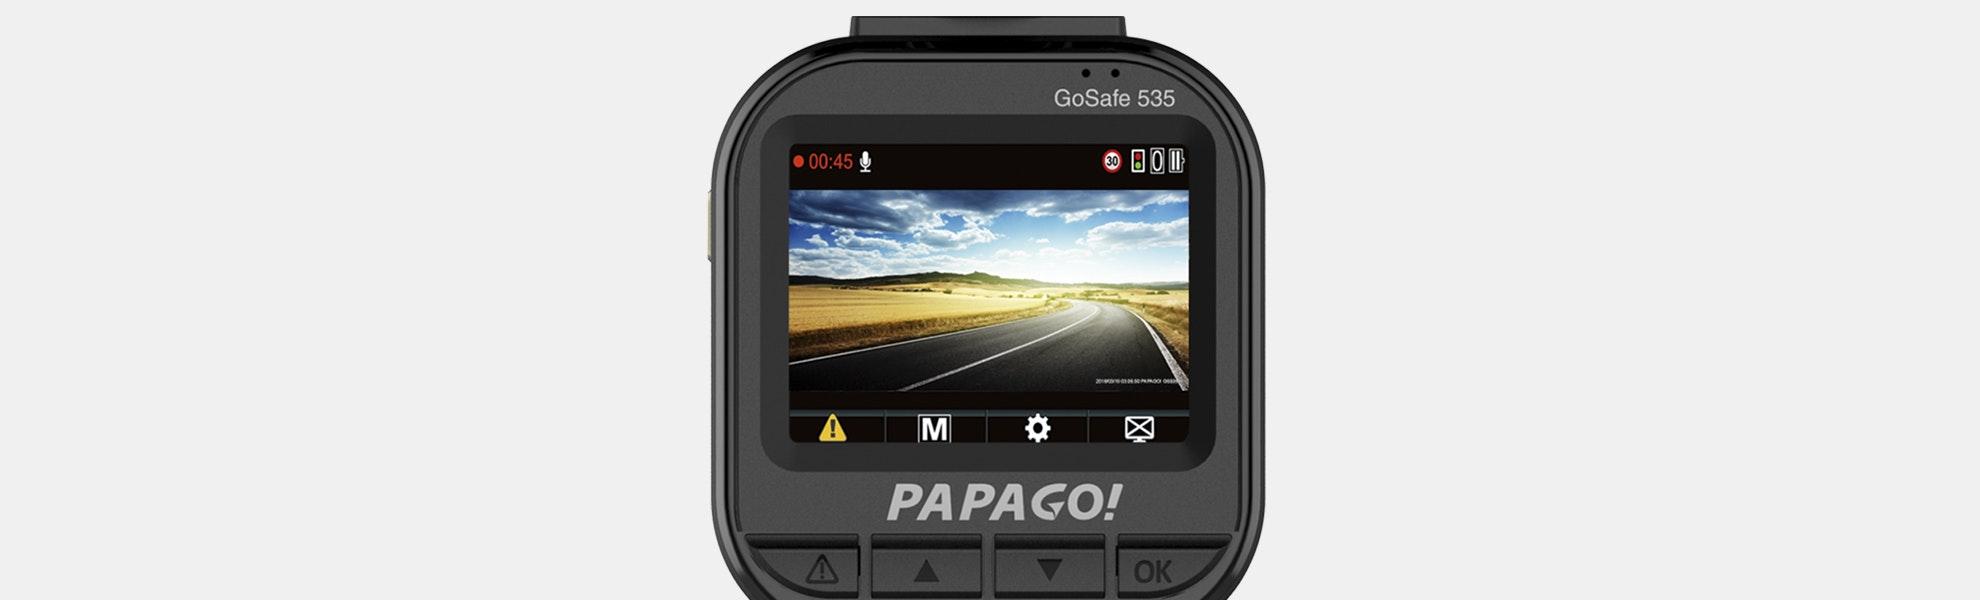 Papago GoSafe 535 Dash Cam w/ 8GB SD Card